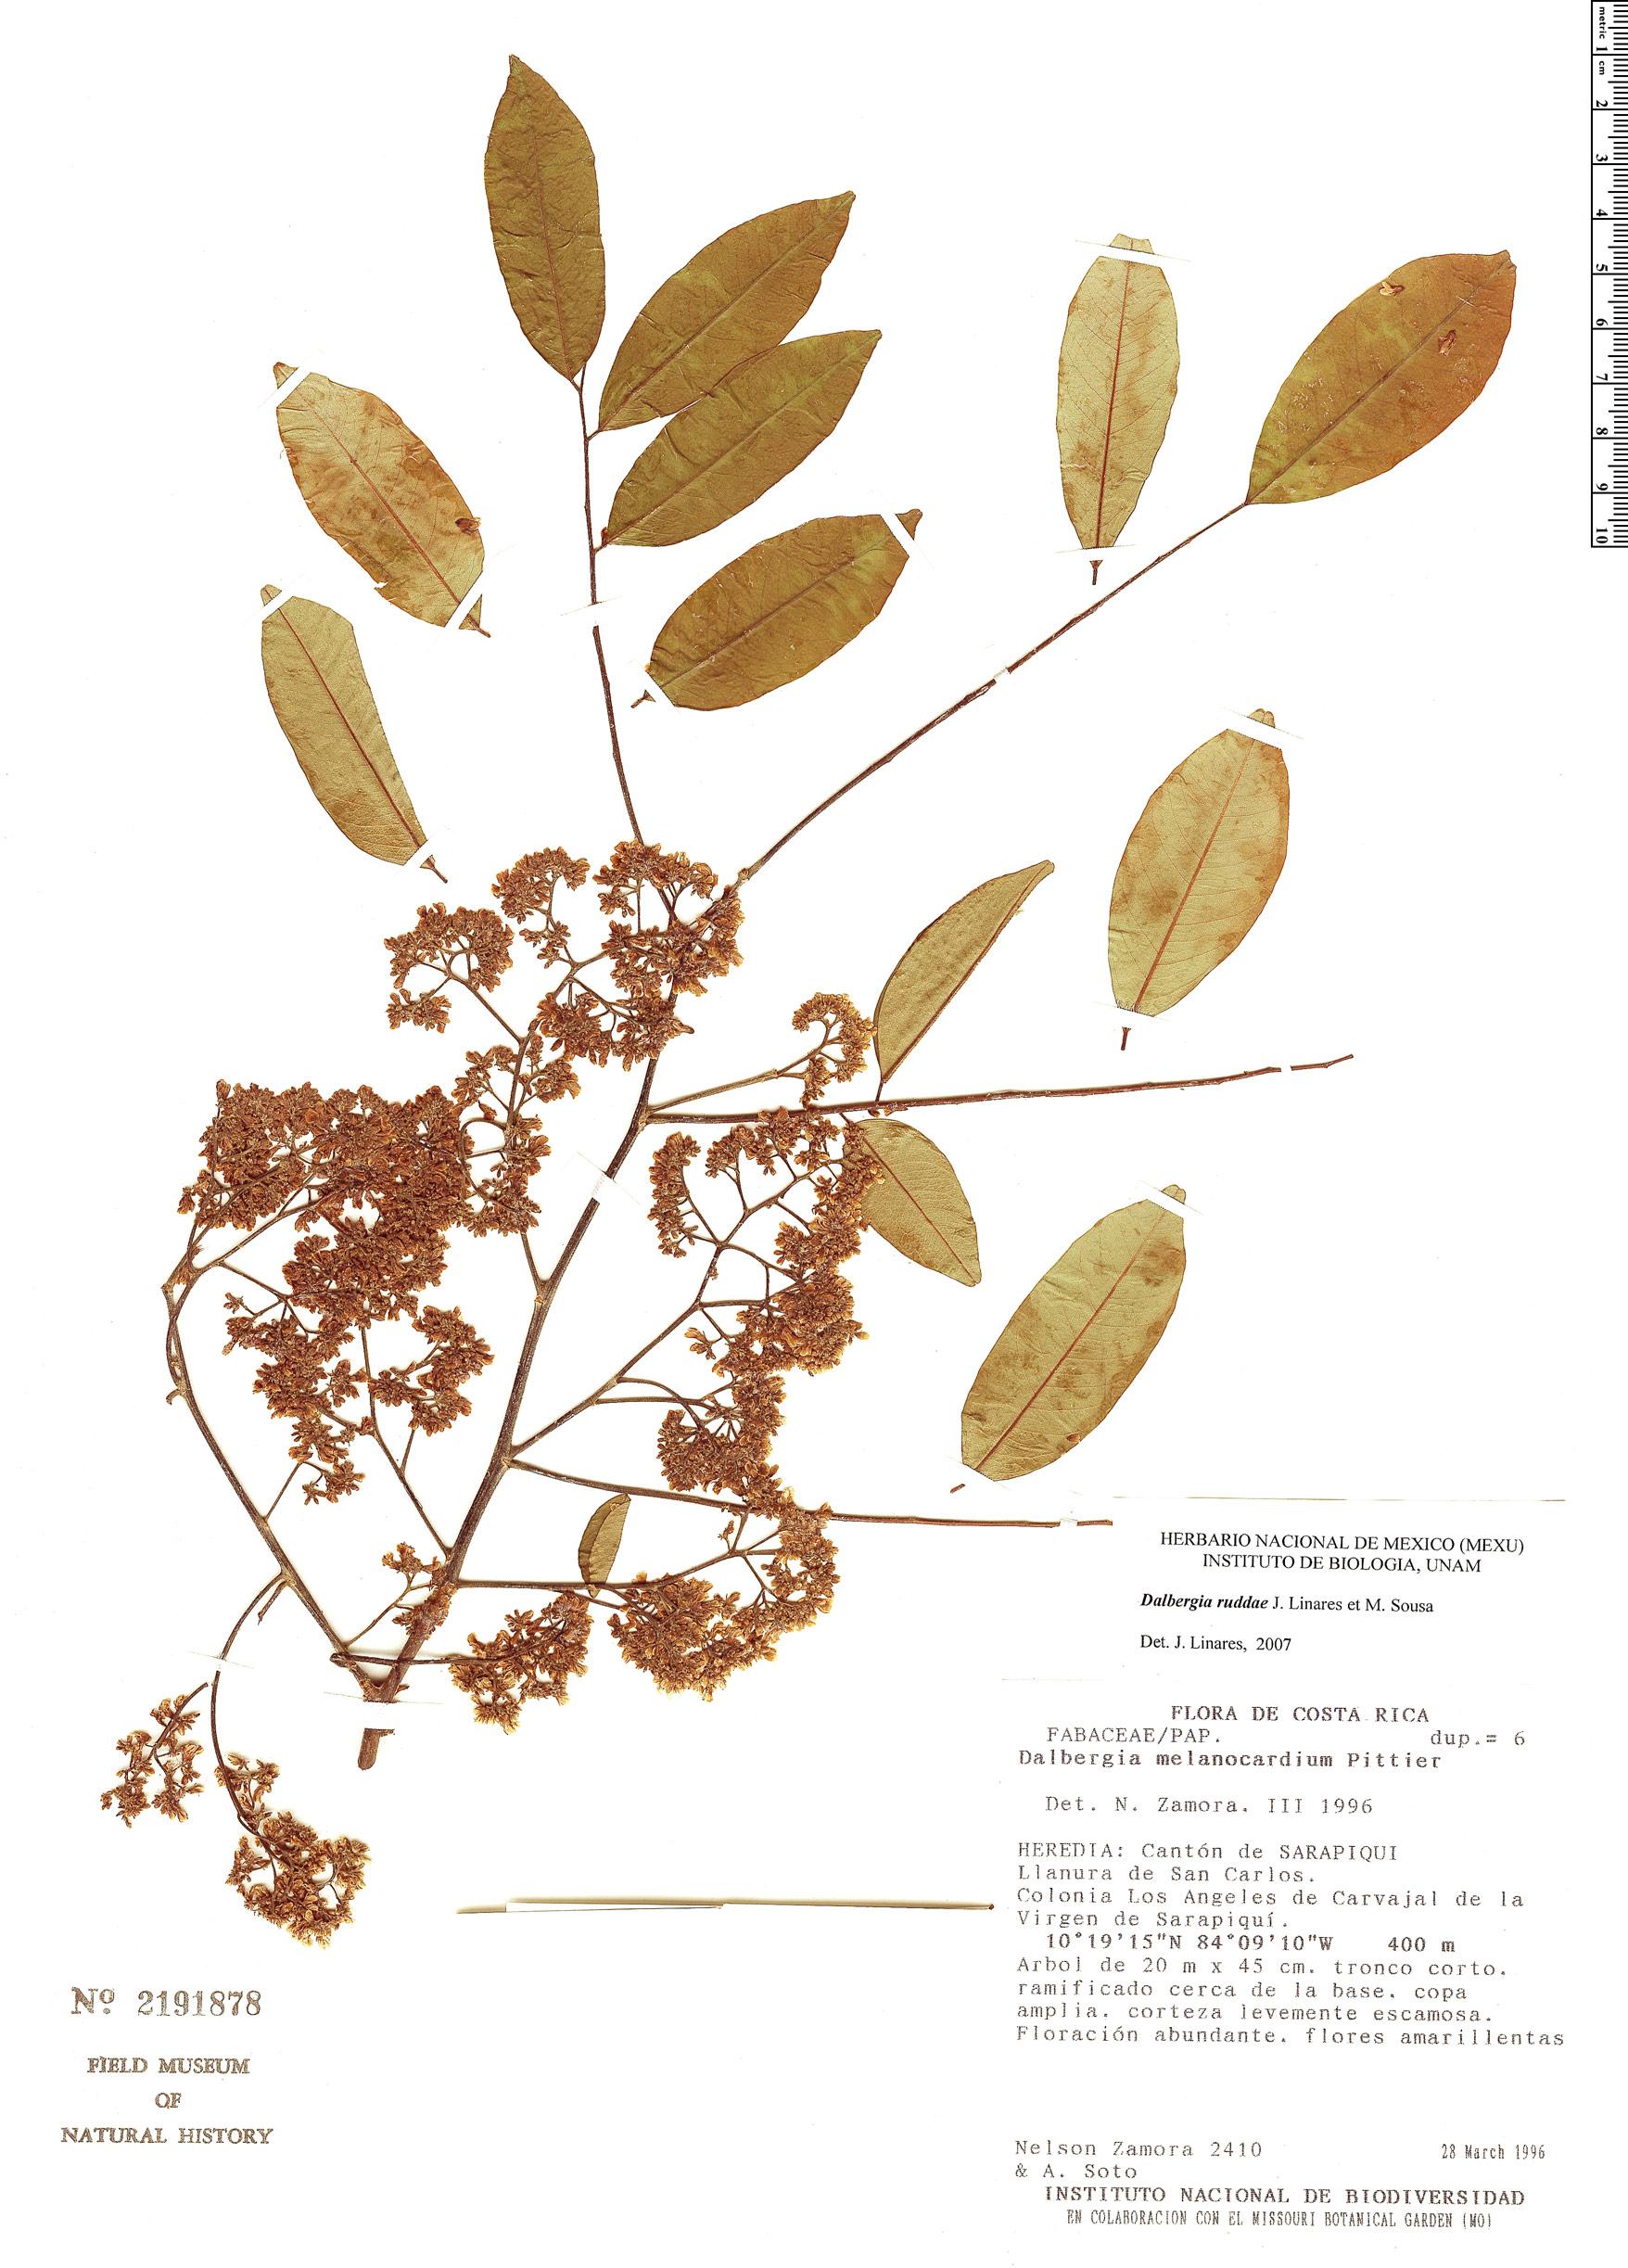 Specimen: Dalbergia ruddiae